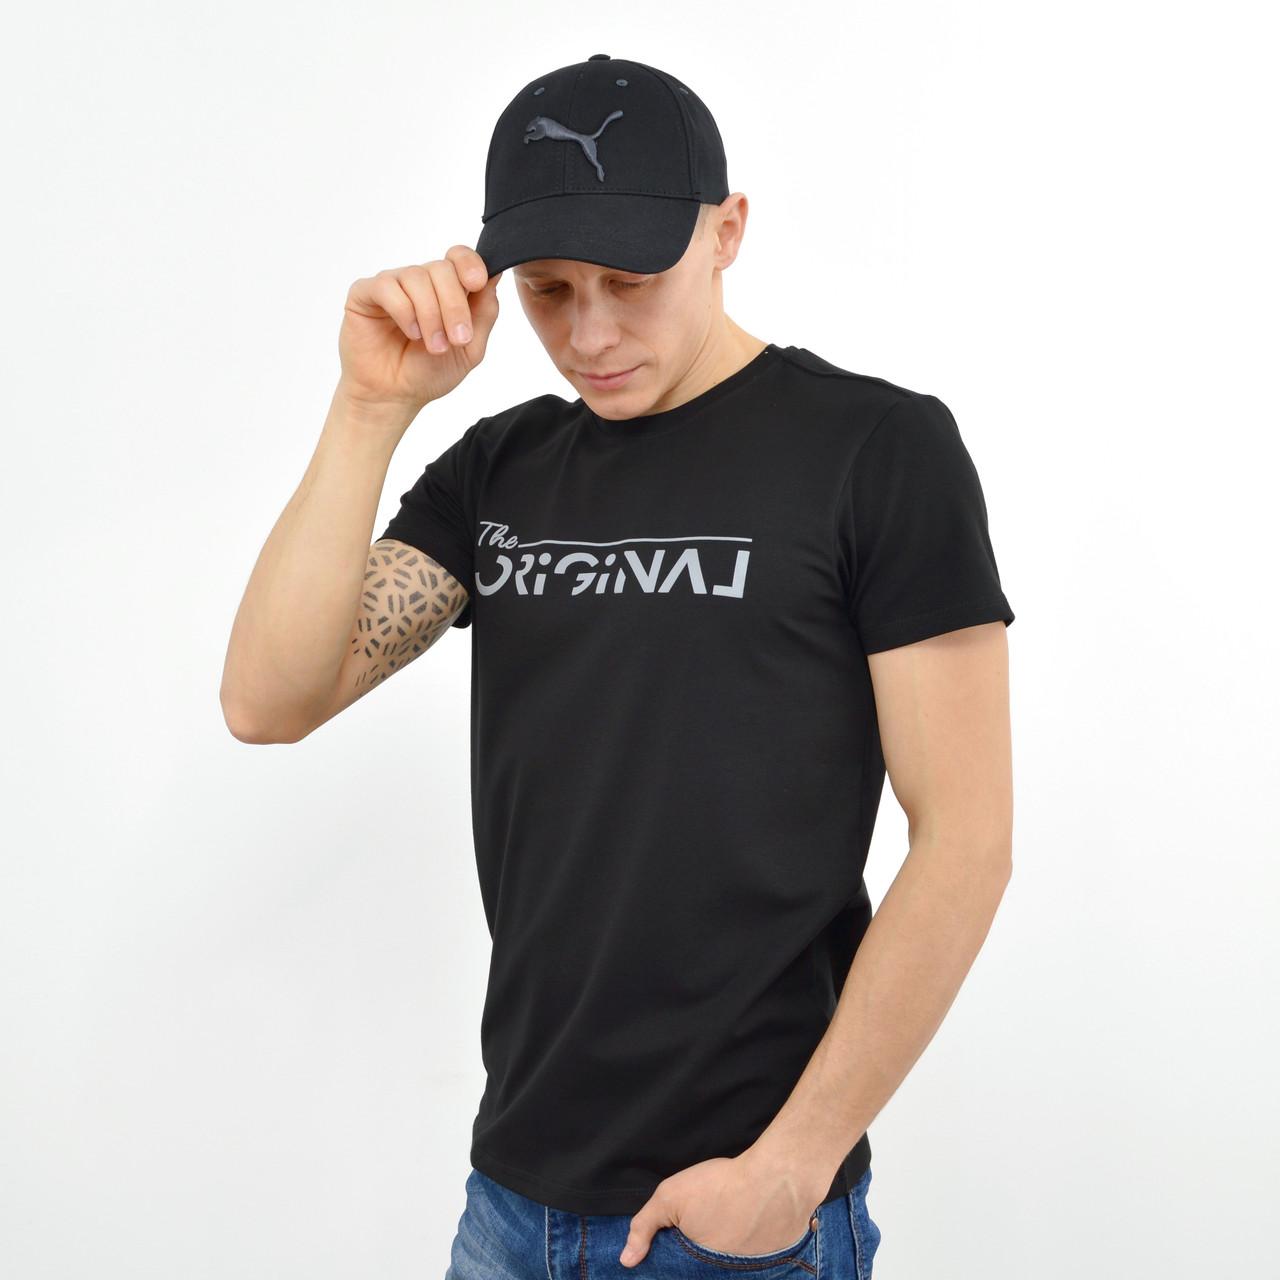 Мужская футболка ORIGINAL черный+серый